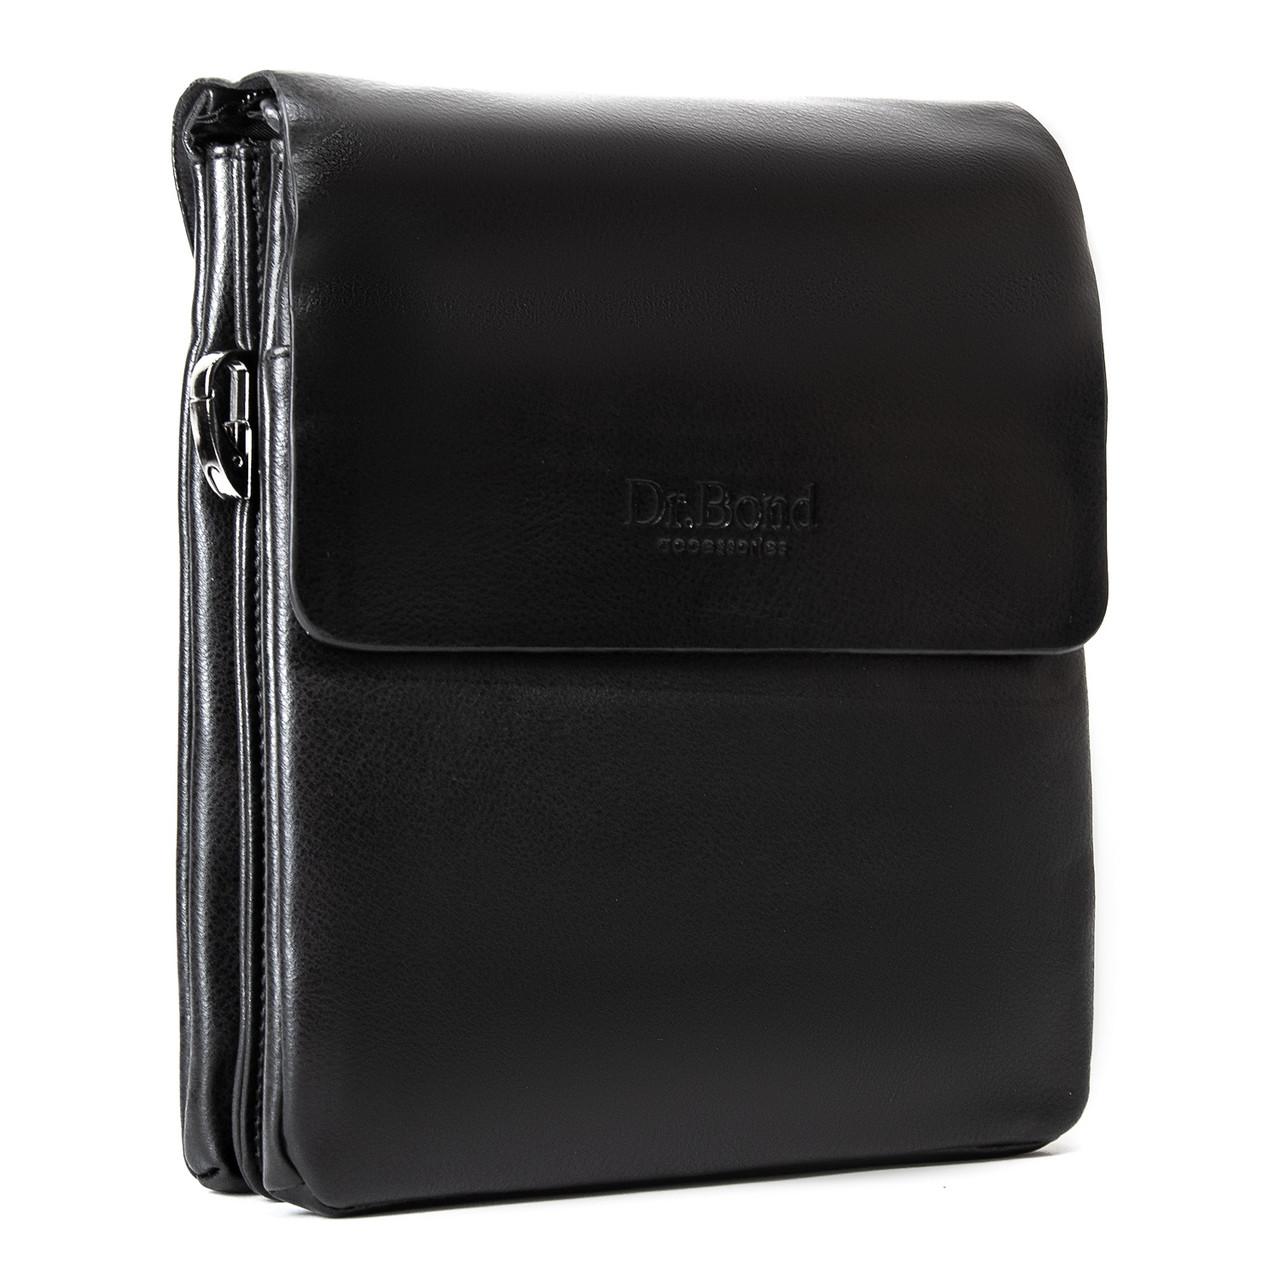 Мужская кожаная сумка планшет через плечо DR. BOND GL 309-3 black